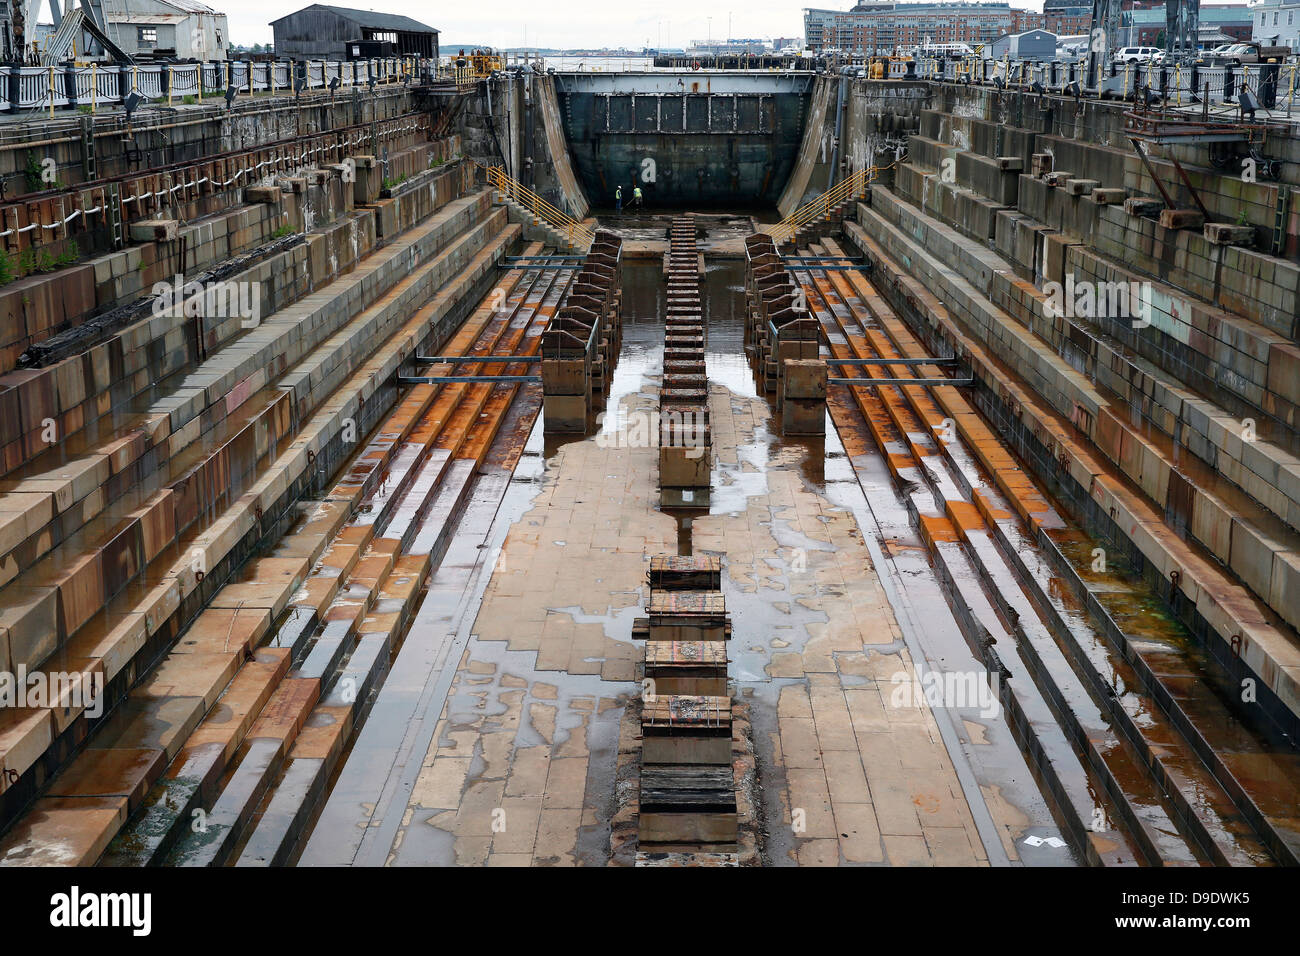 Dry dock in the Charlestown Navy Yard, Boston, Massachusetts - Stock Image